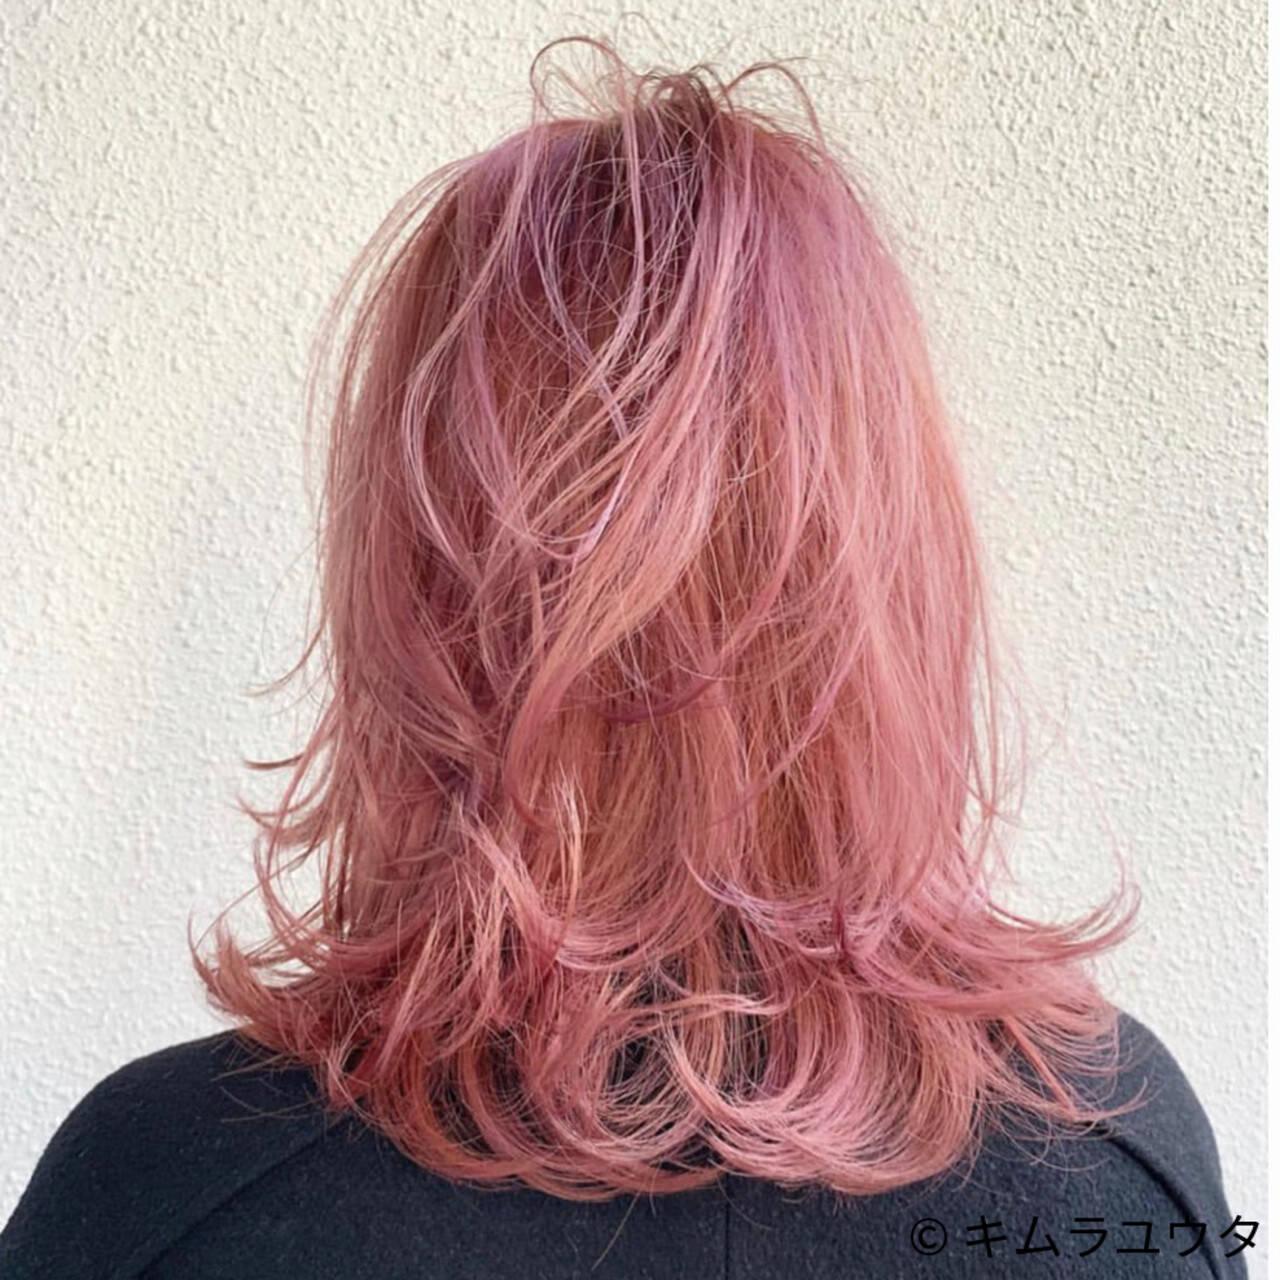 ミディアム レイヤーカット カラーバター ピンクヘアスタイルや髪型の写真・画像